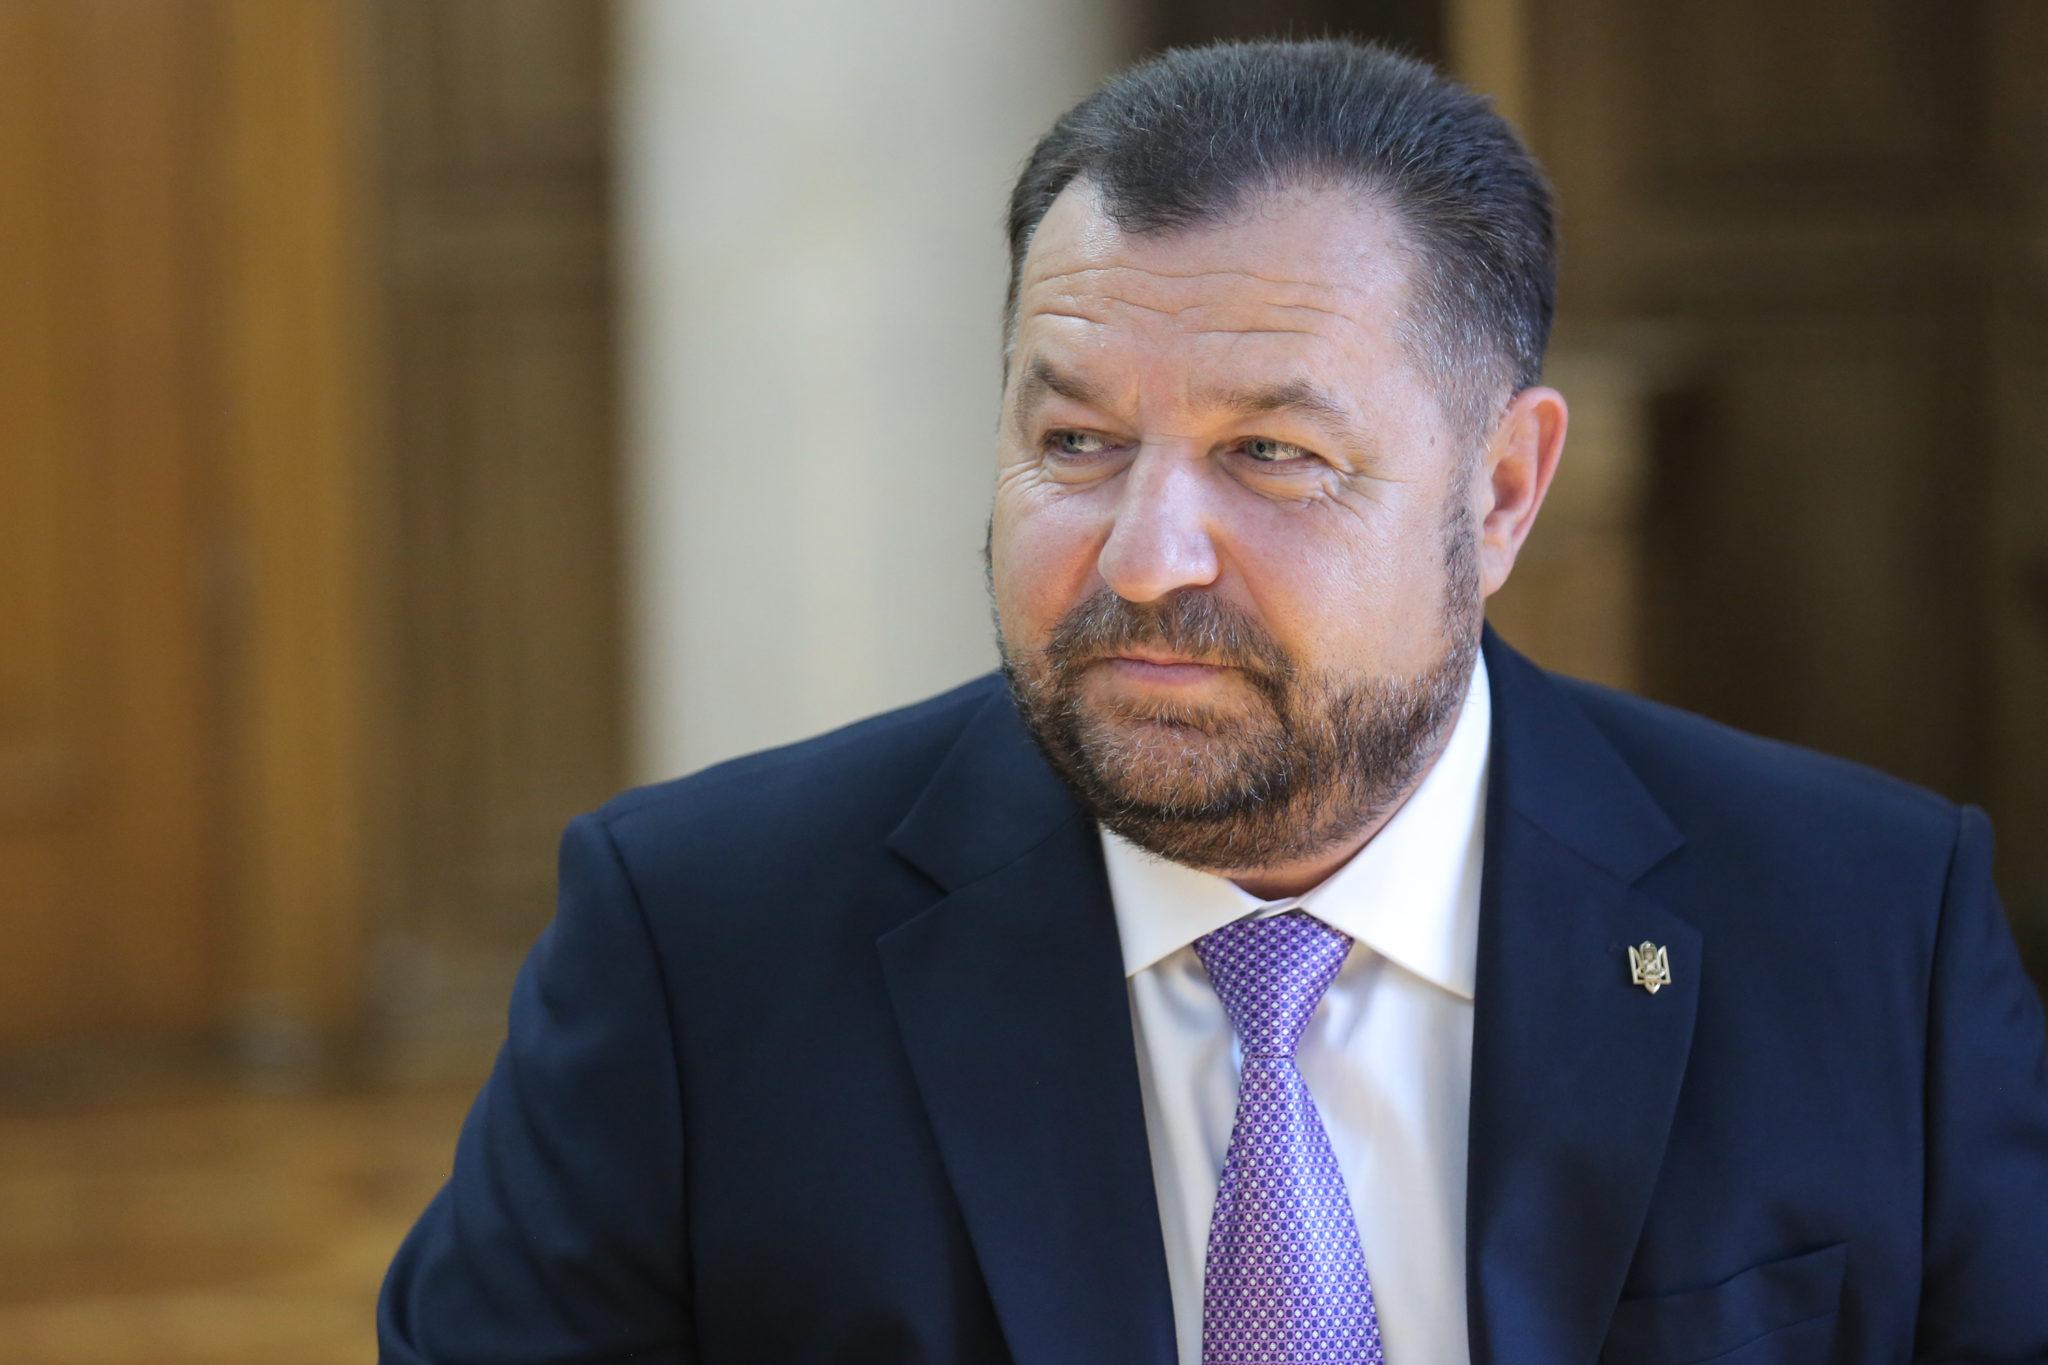 Міністр оборони України Степан Полторак: найбільше, чого я не хочу, це повернення у 2014 рік